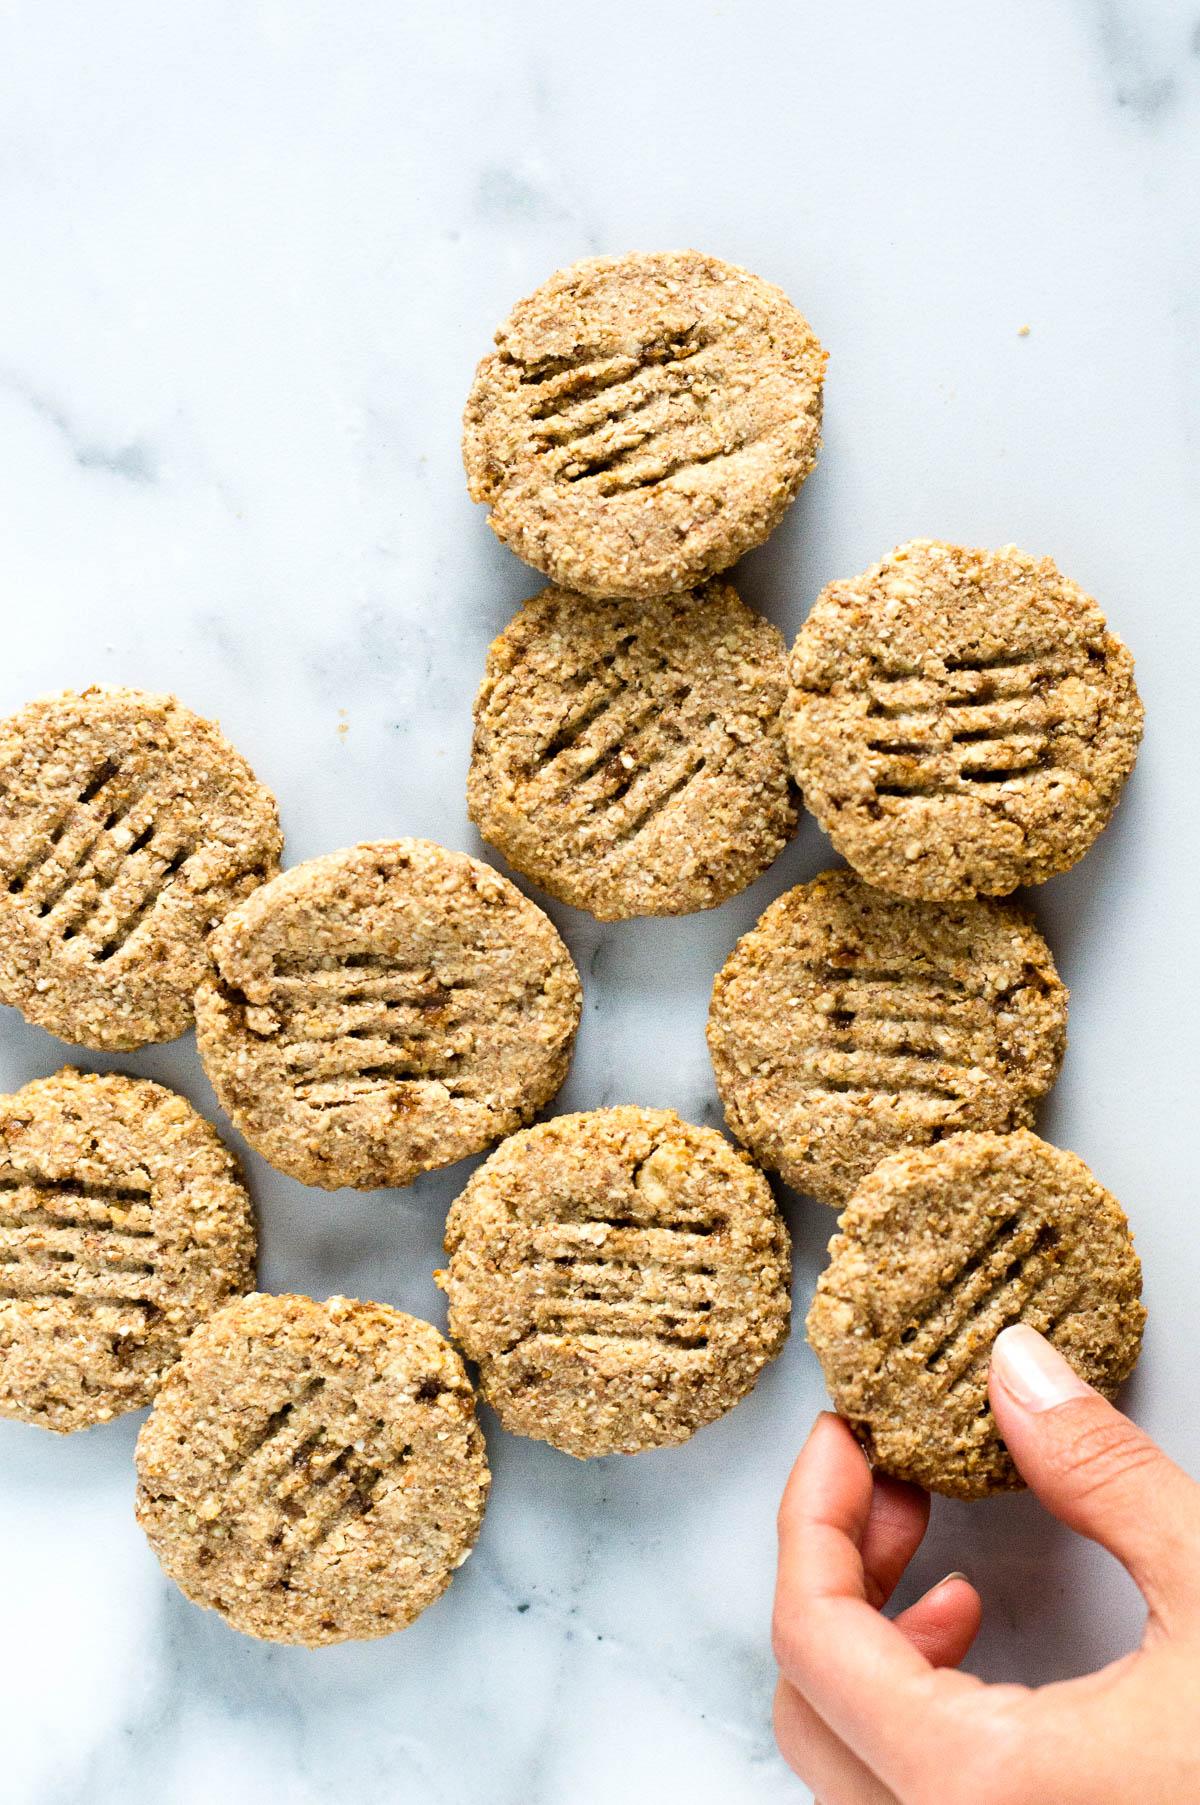 galletas de chufa en una mesa de mármol